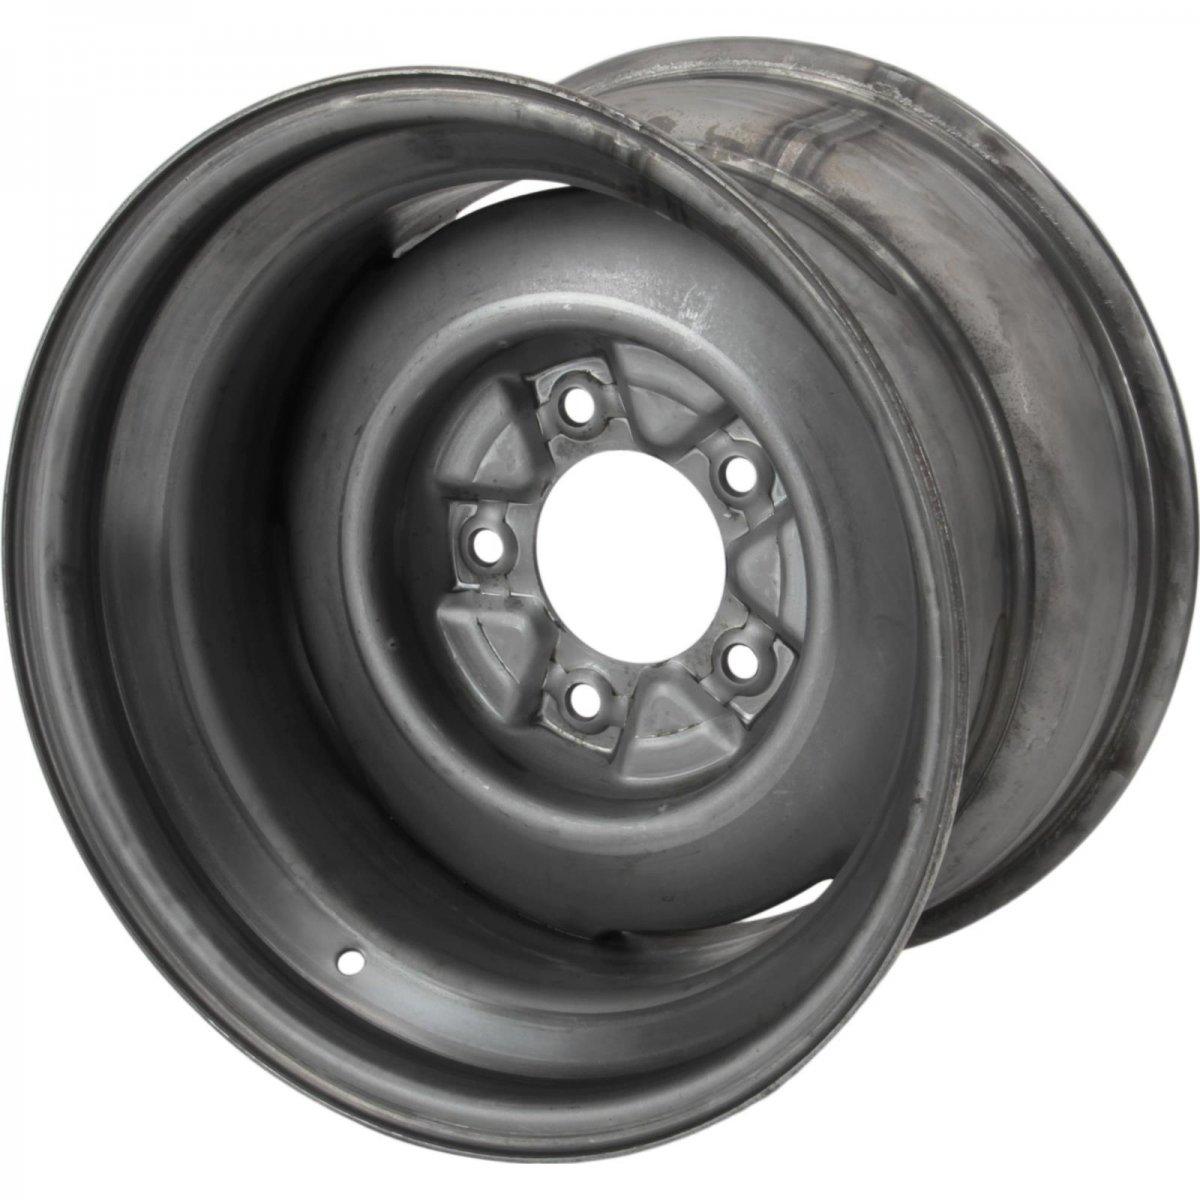 Speedway Vintage 15x10 5x5.5 4.50 BS Wheel #25045151 (1).jpg